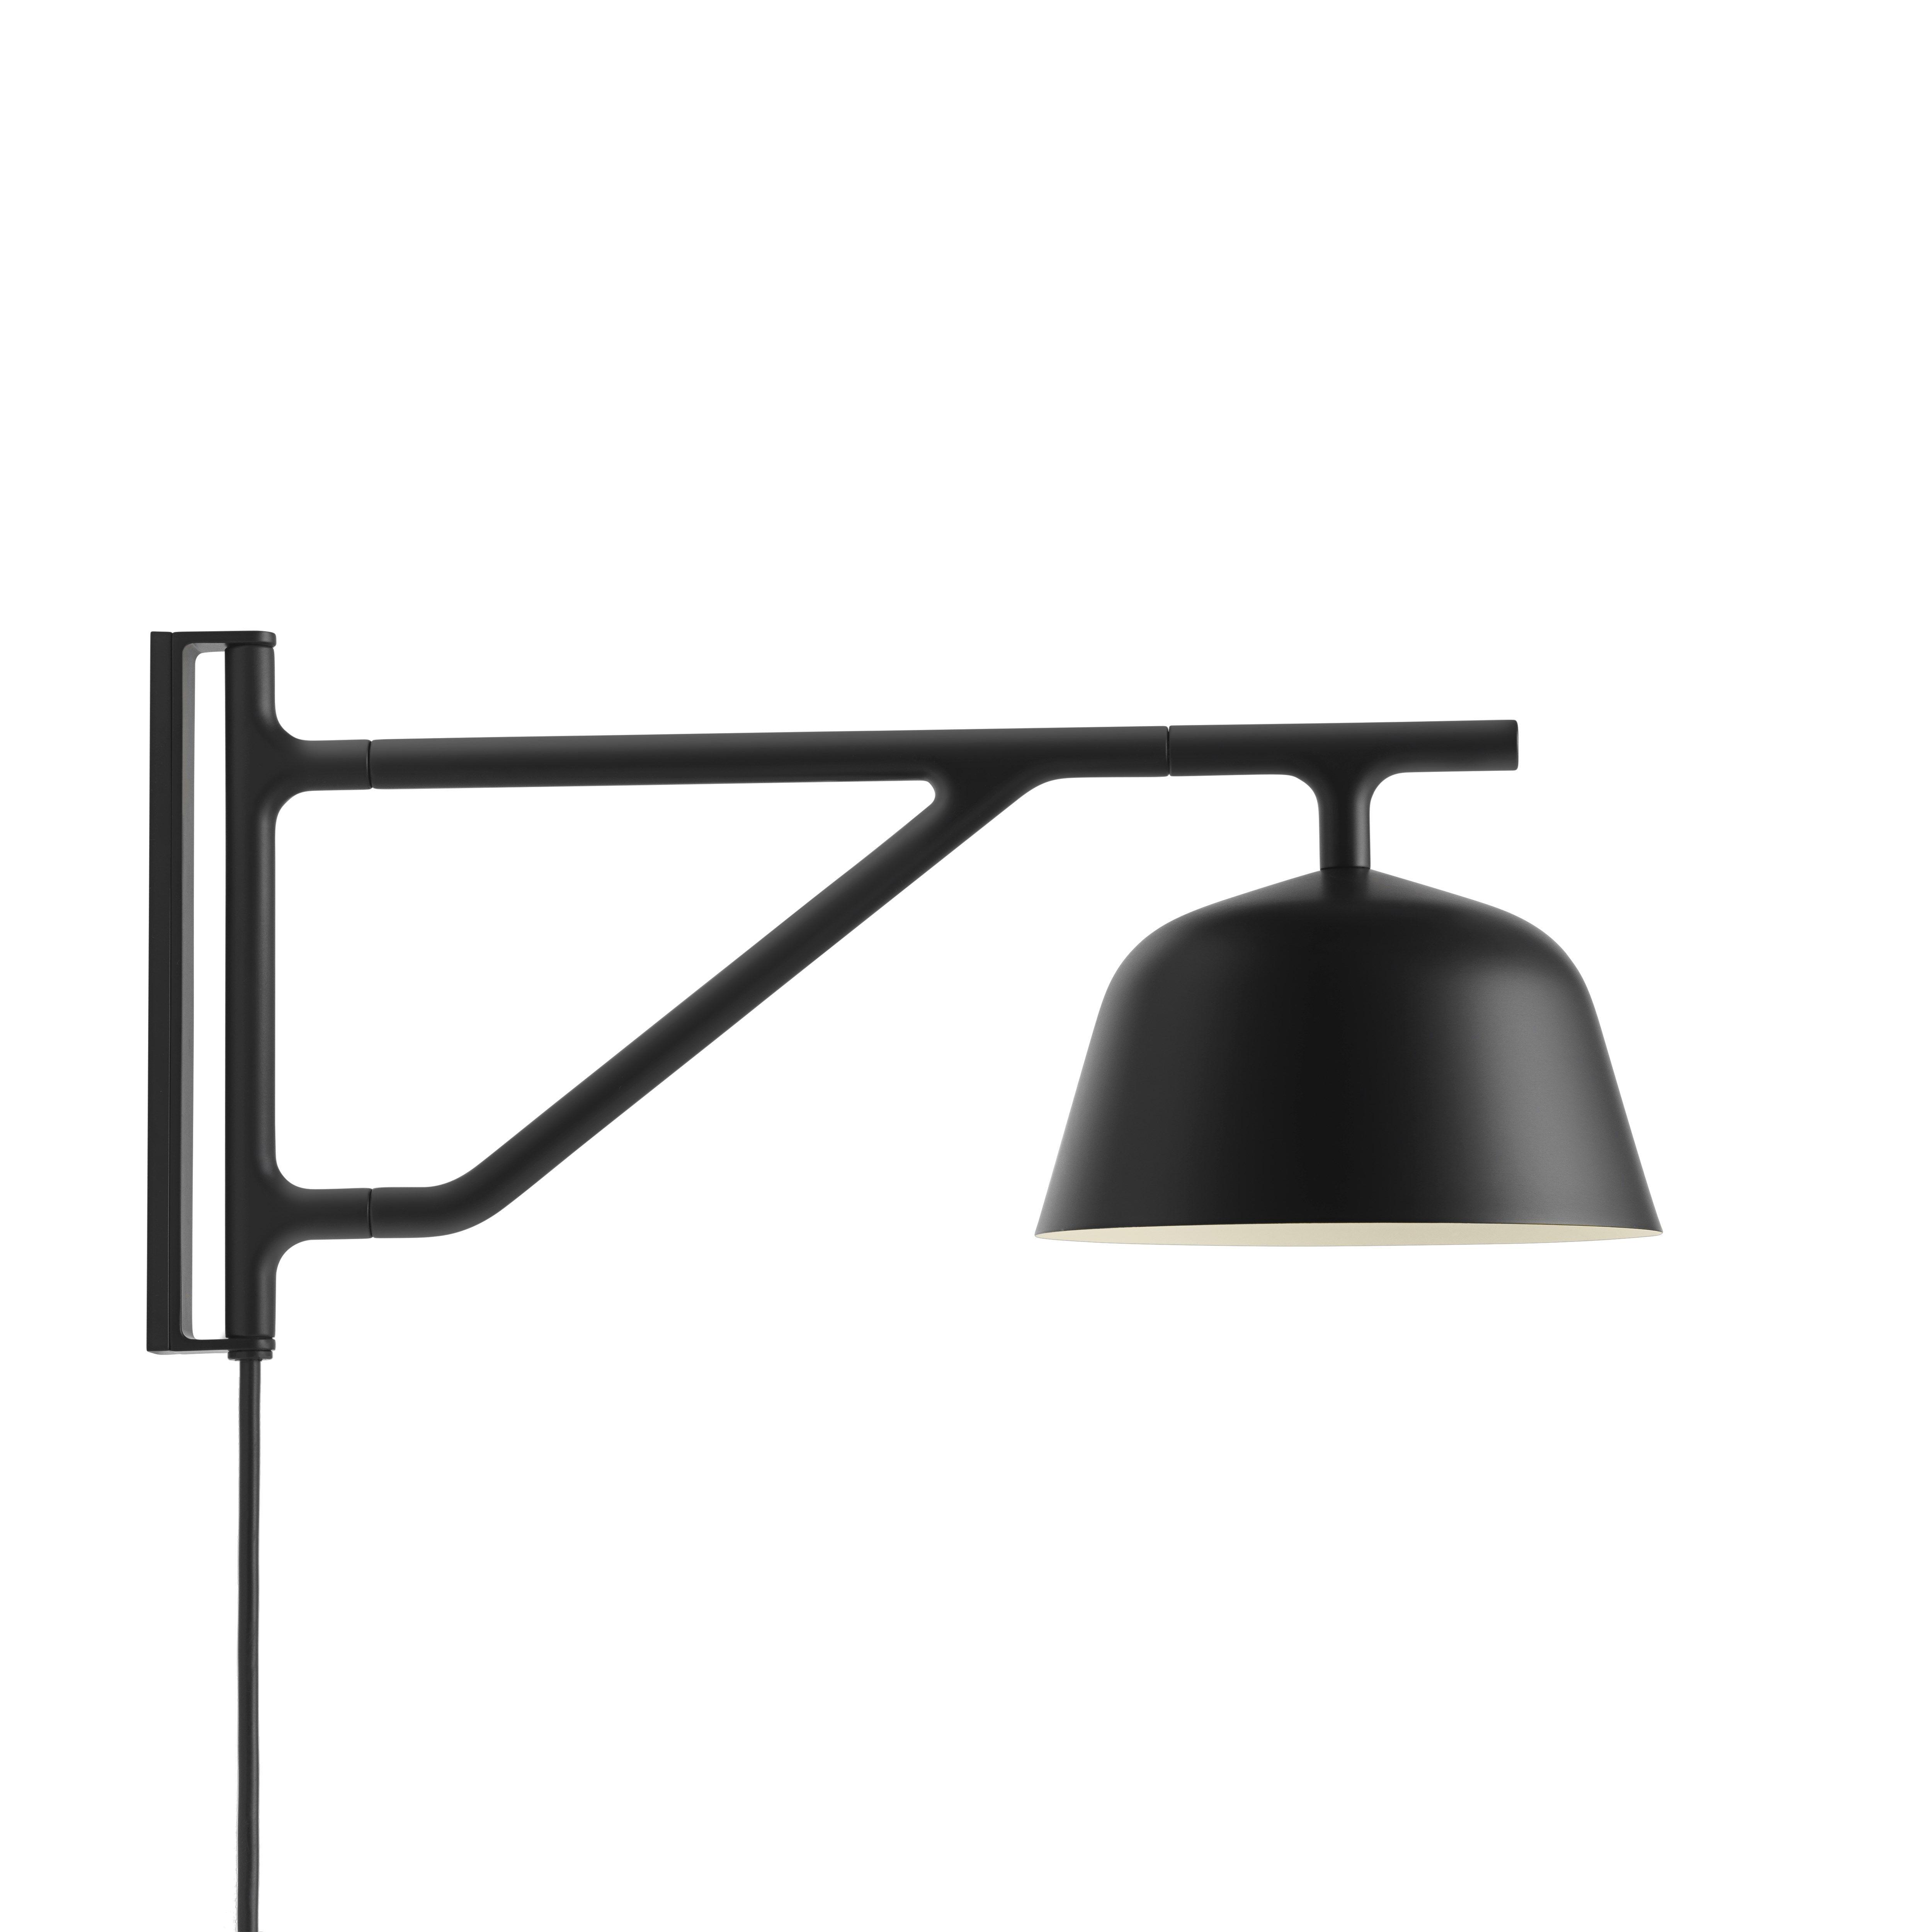 Illuminazione - Lampade da parete - Applique con presa Ambit - / Braccio girevole - L 41 cm di Muuto - Nero - Alluminio